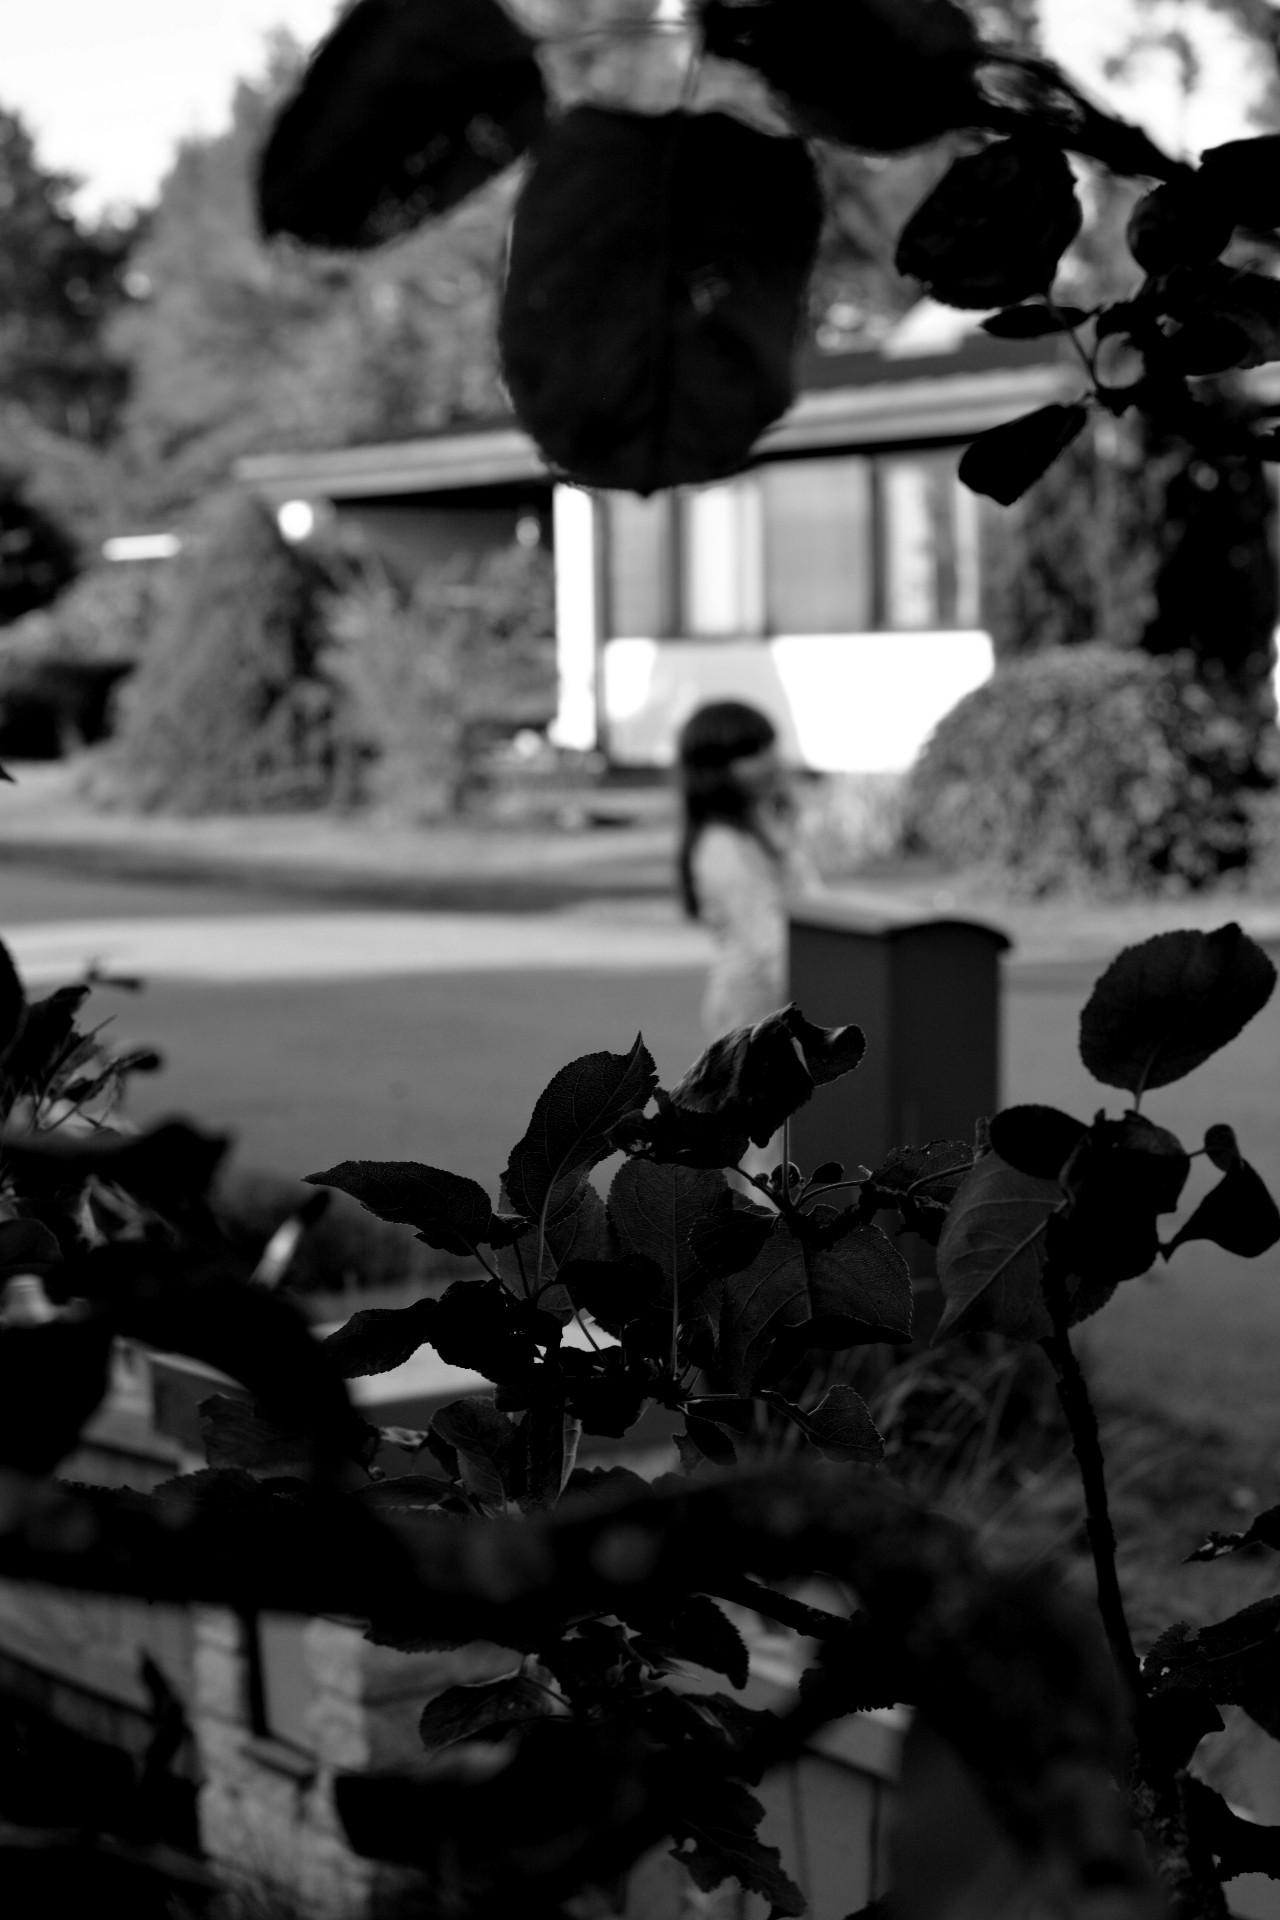 Äppelträd, flicka ur fokus. svartvitt